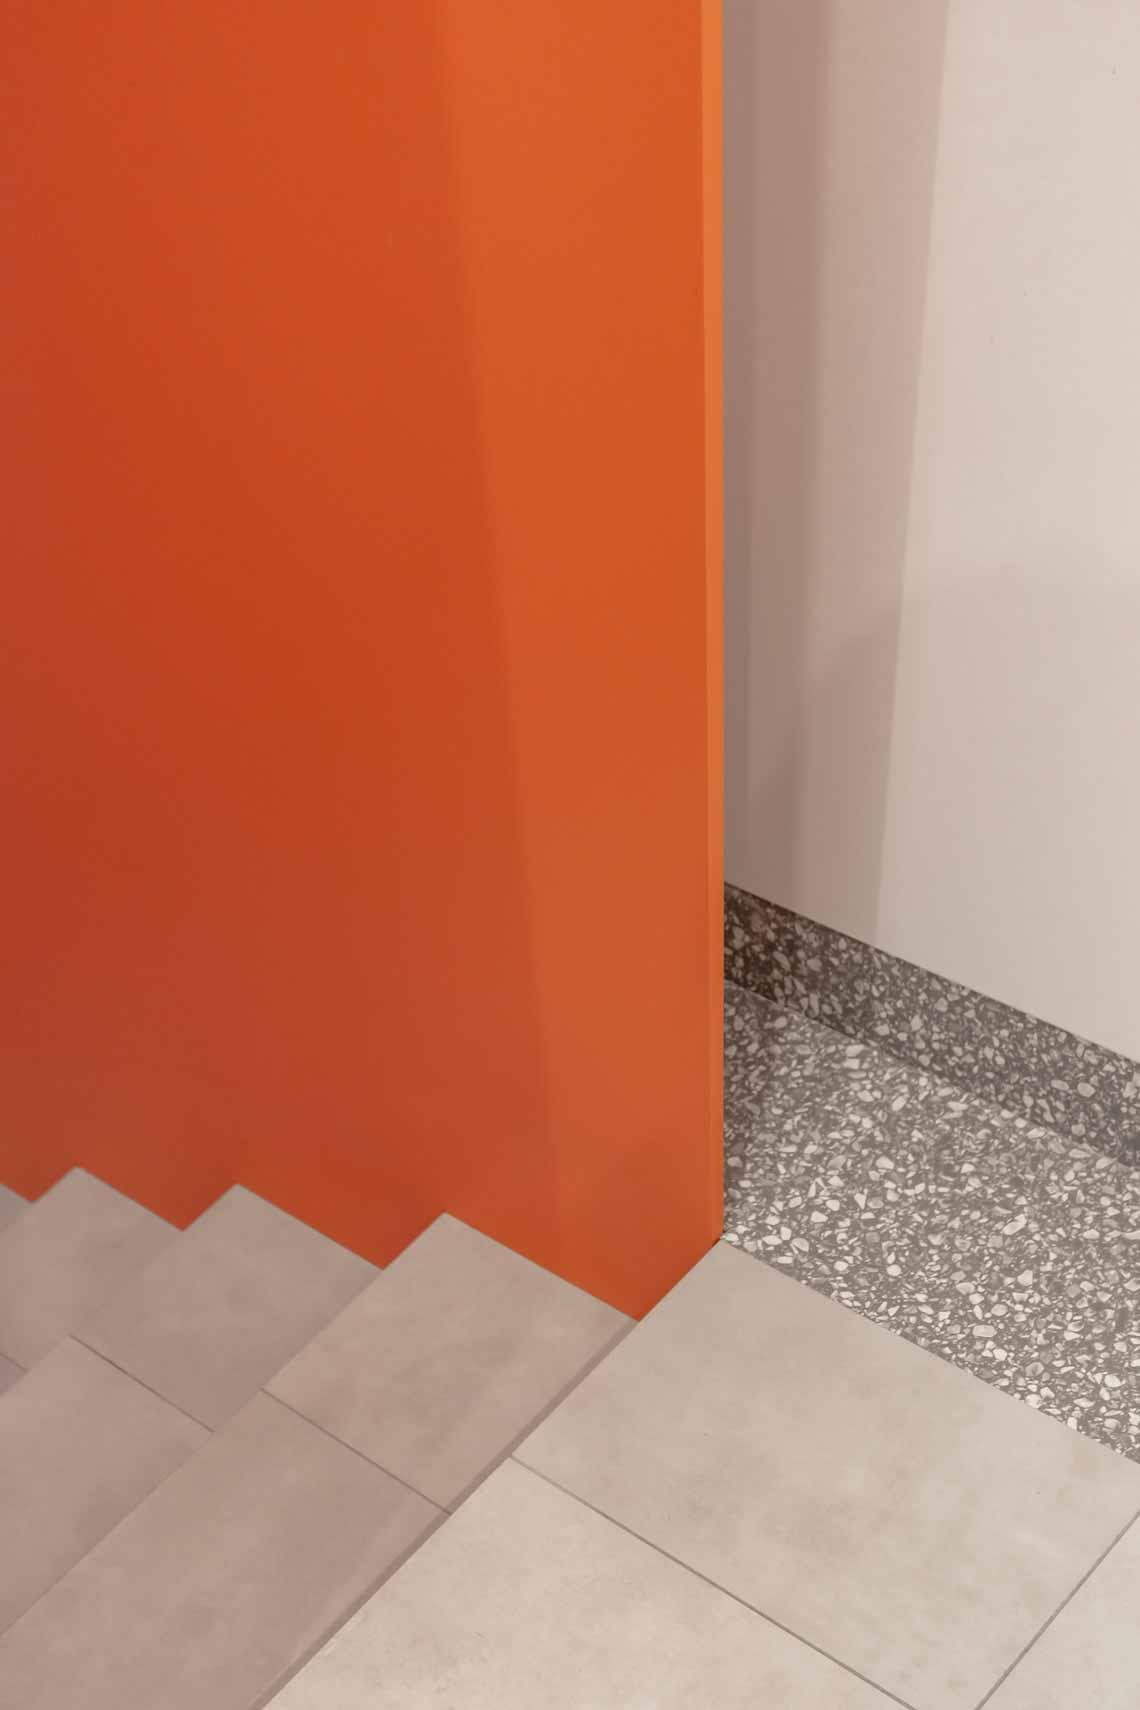 Dự án FG OFF – Một văn phòng không gian hình học màu cam -24